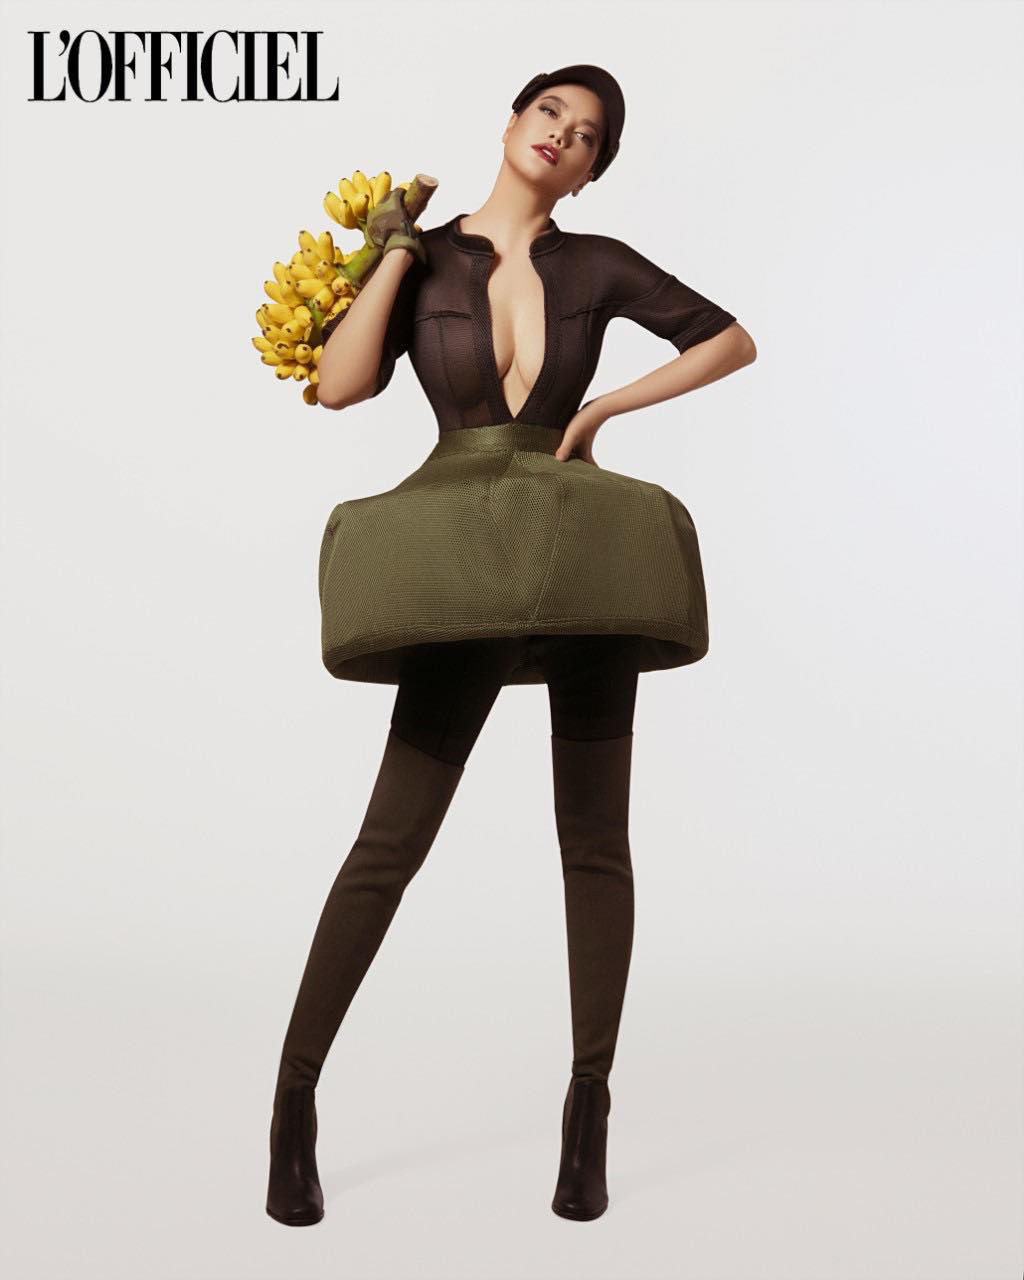 Trương Ngọc Ánh xuất hiện cá tính, quyến rũ trên trang bìa tạp chí của Nga   - Ảnh 2.